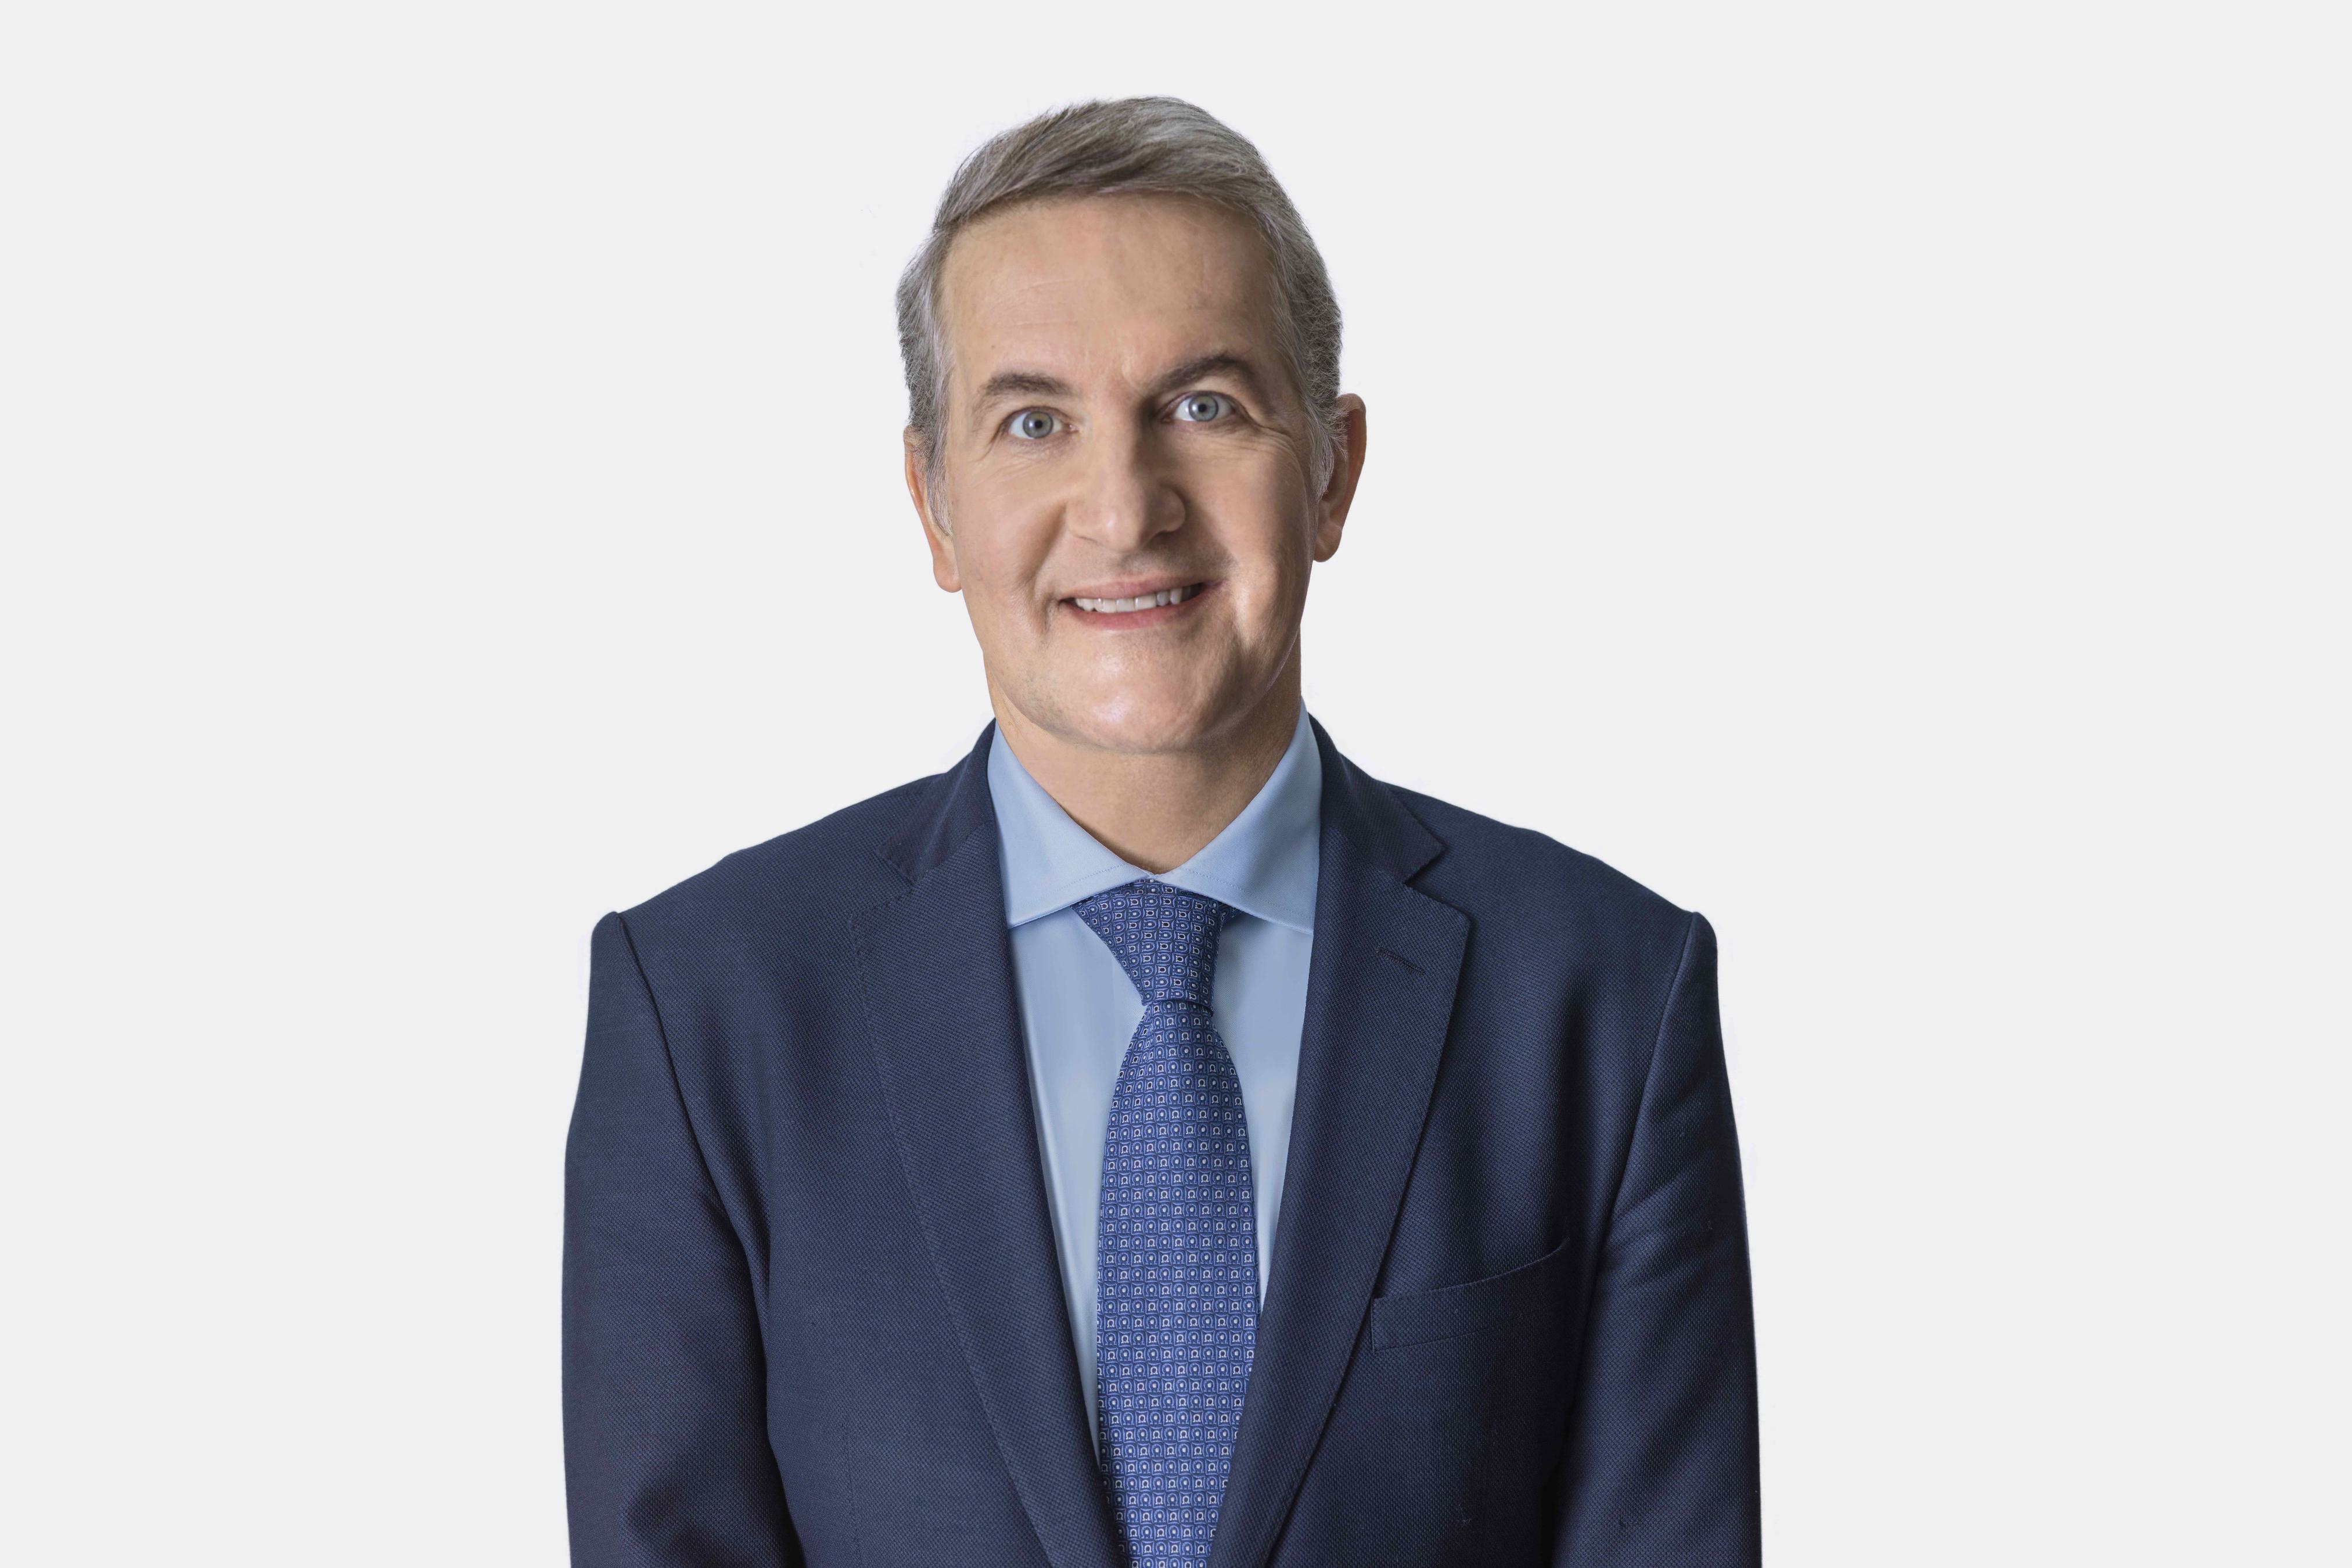 Ramon Laguarta